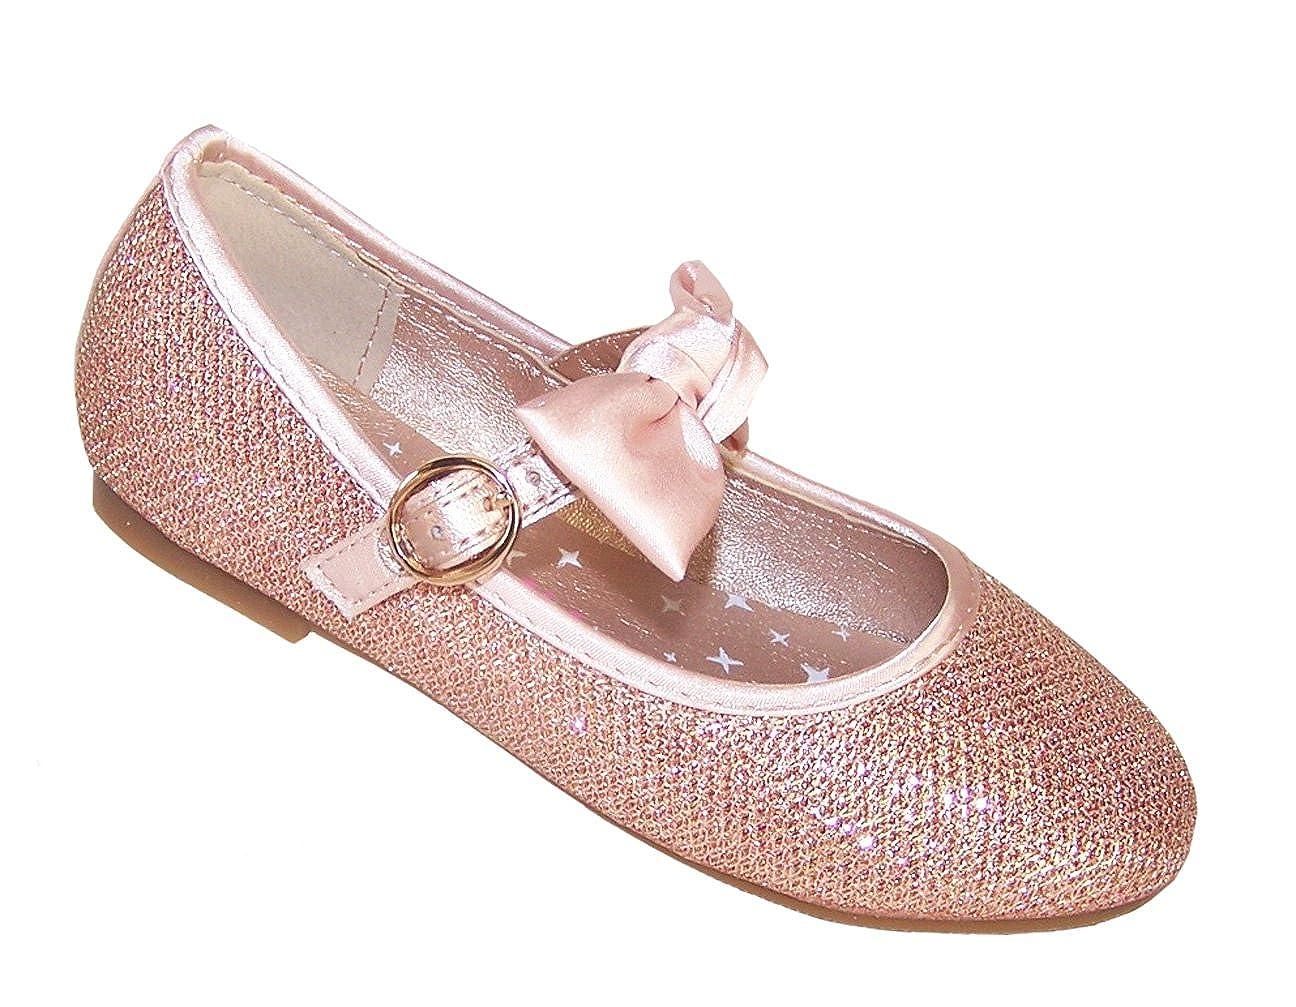 The Sparkle Club Girls Rose Gold Glitter Ballerina Party Flower Girl